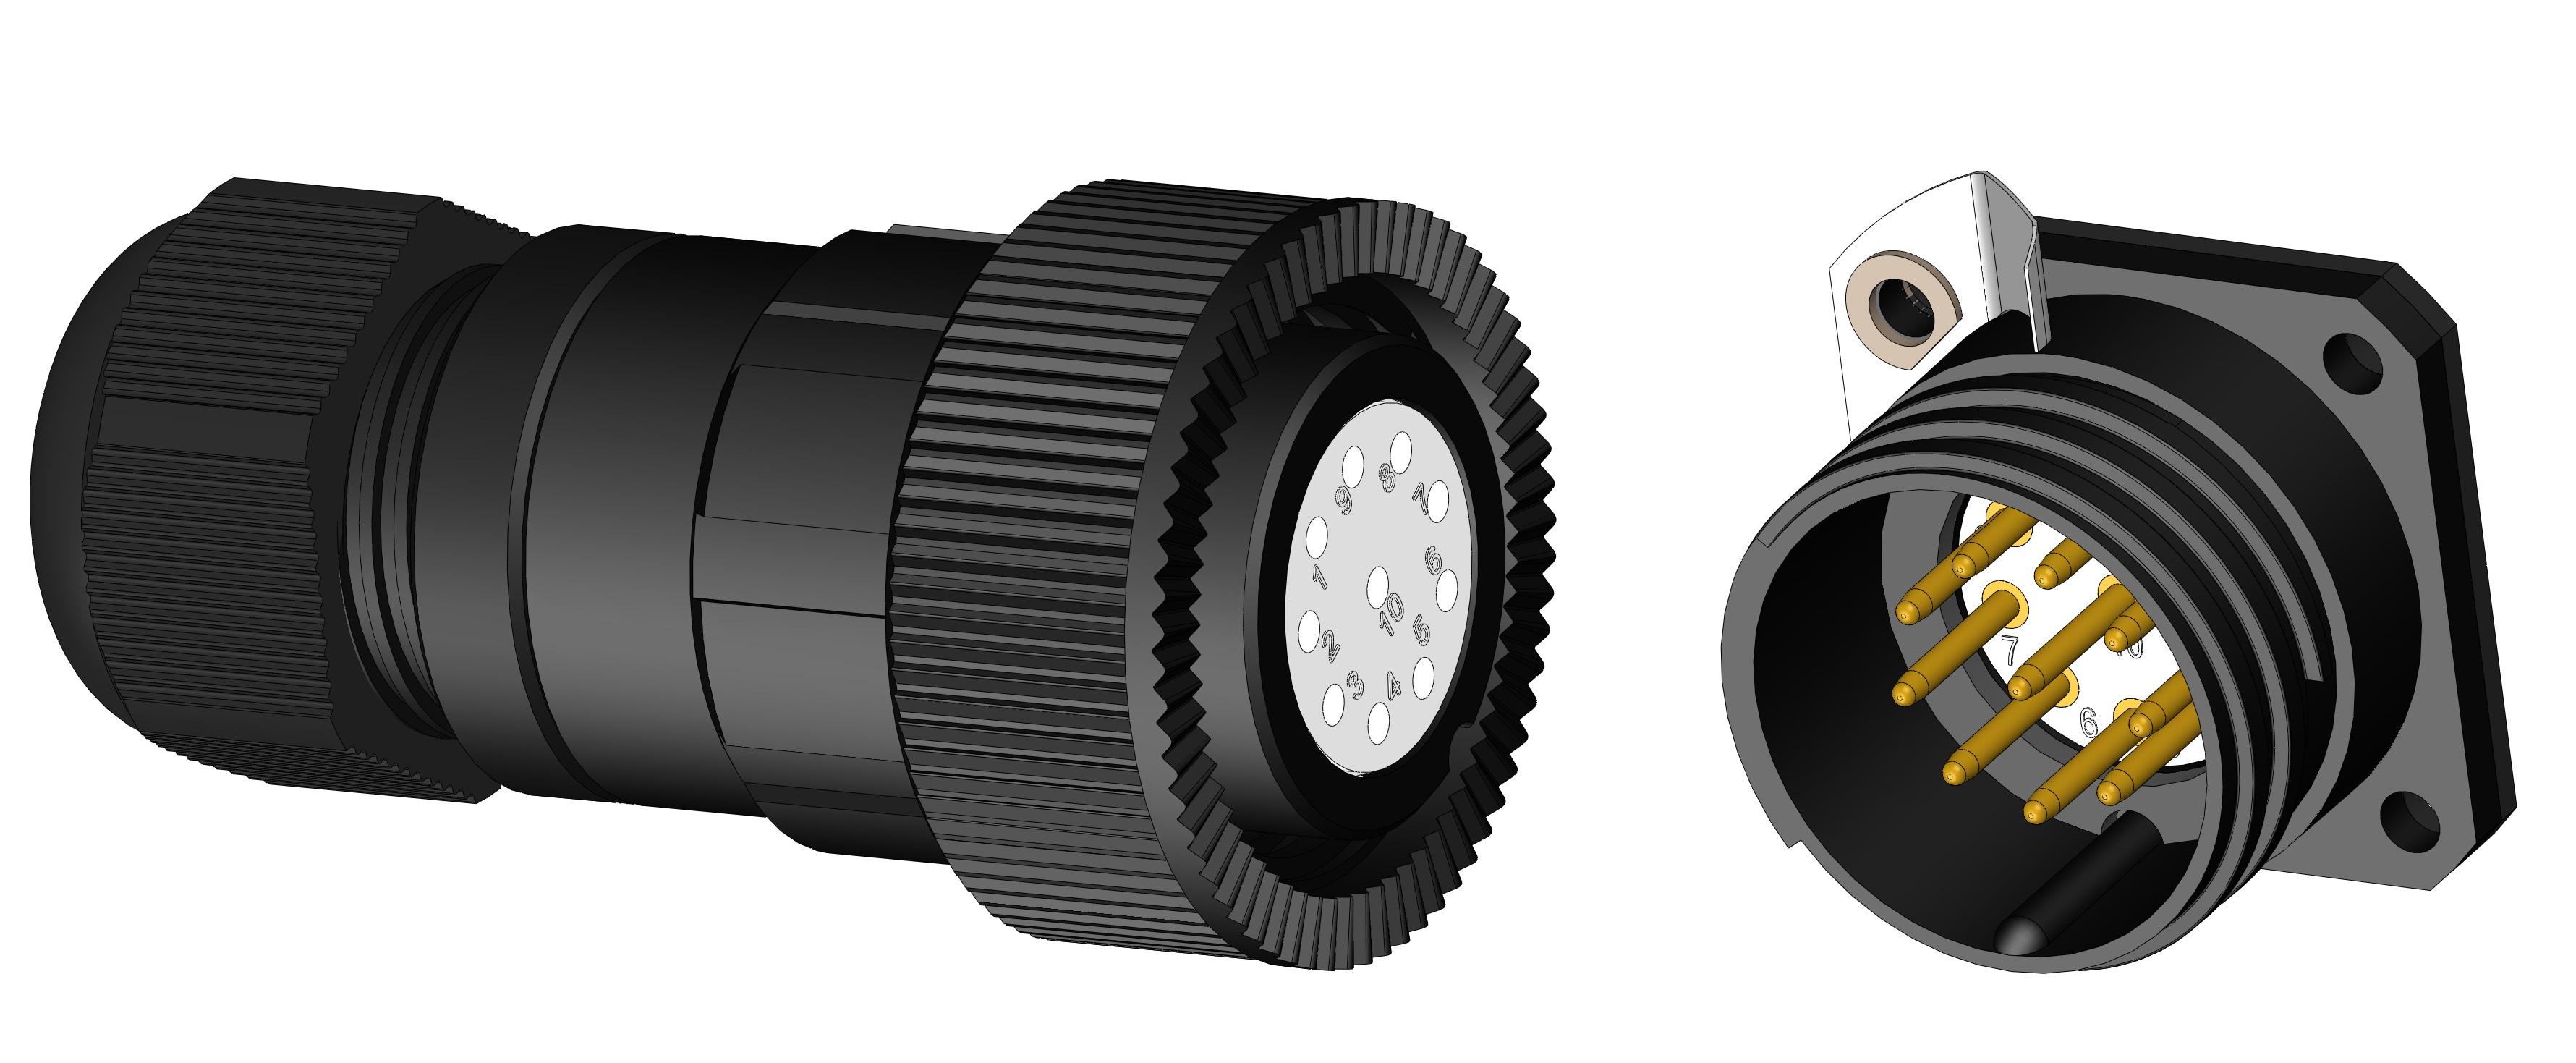 Anti-vibration connectors